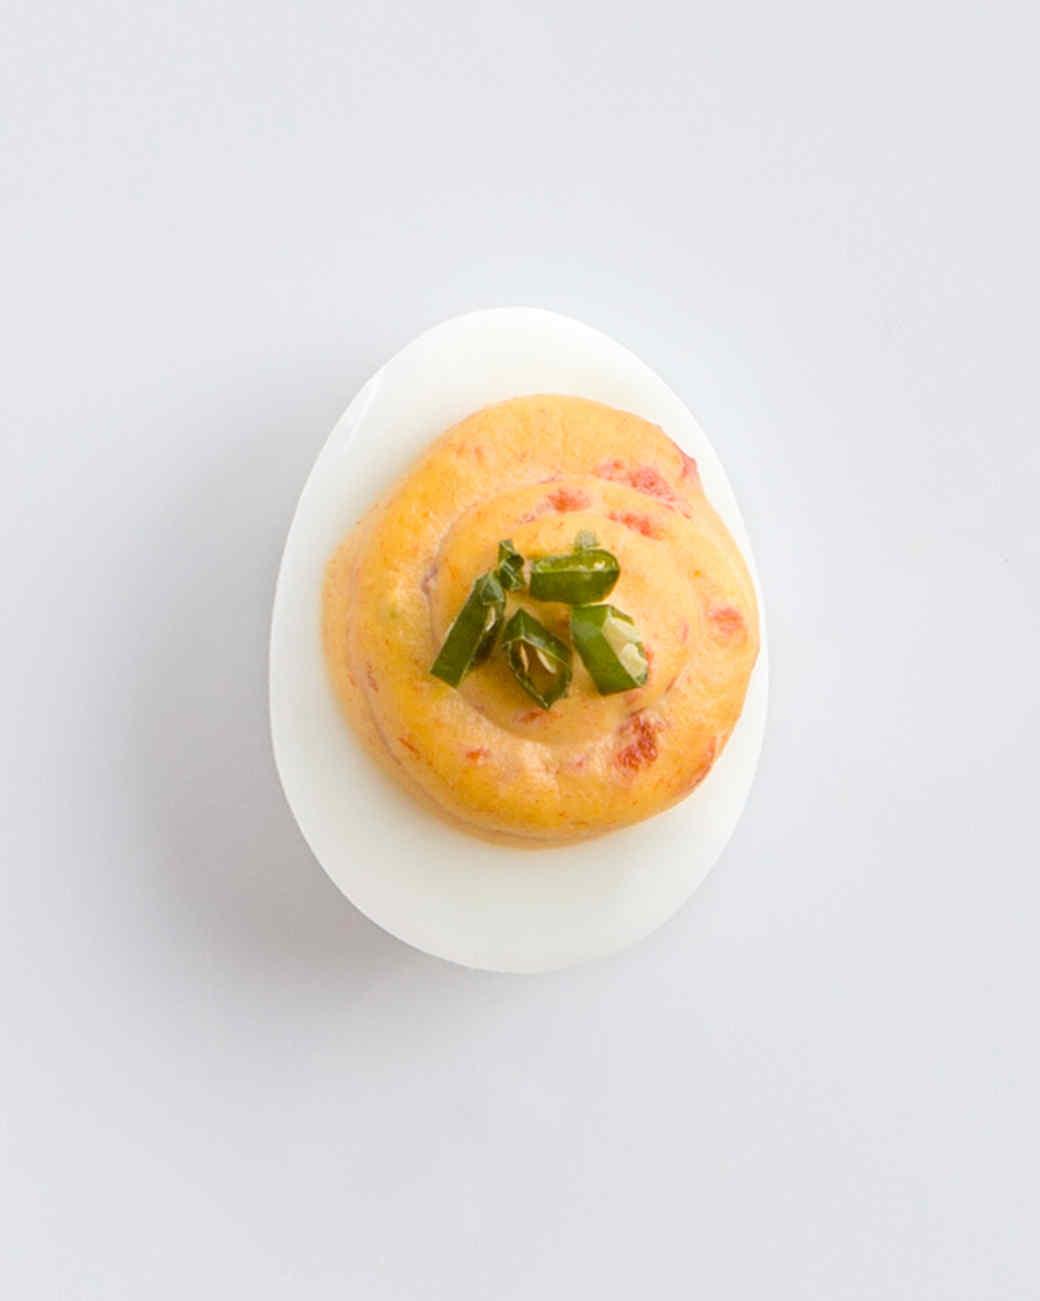 red-pepper-chili-deviled-eggs-d1110281128.jpg